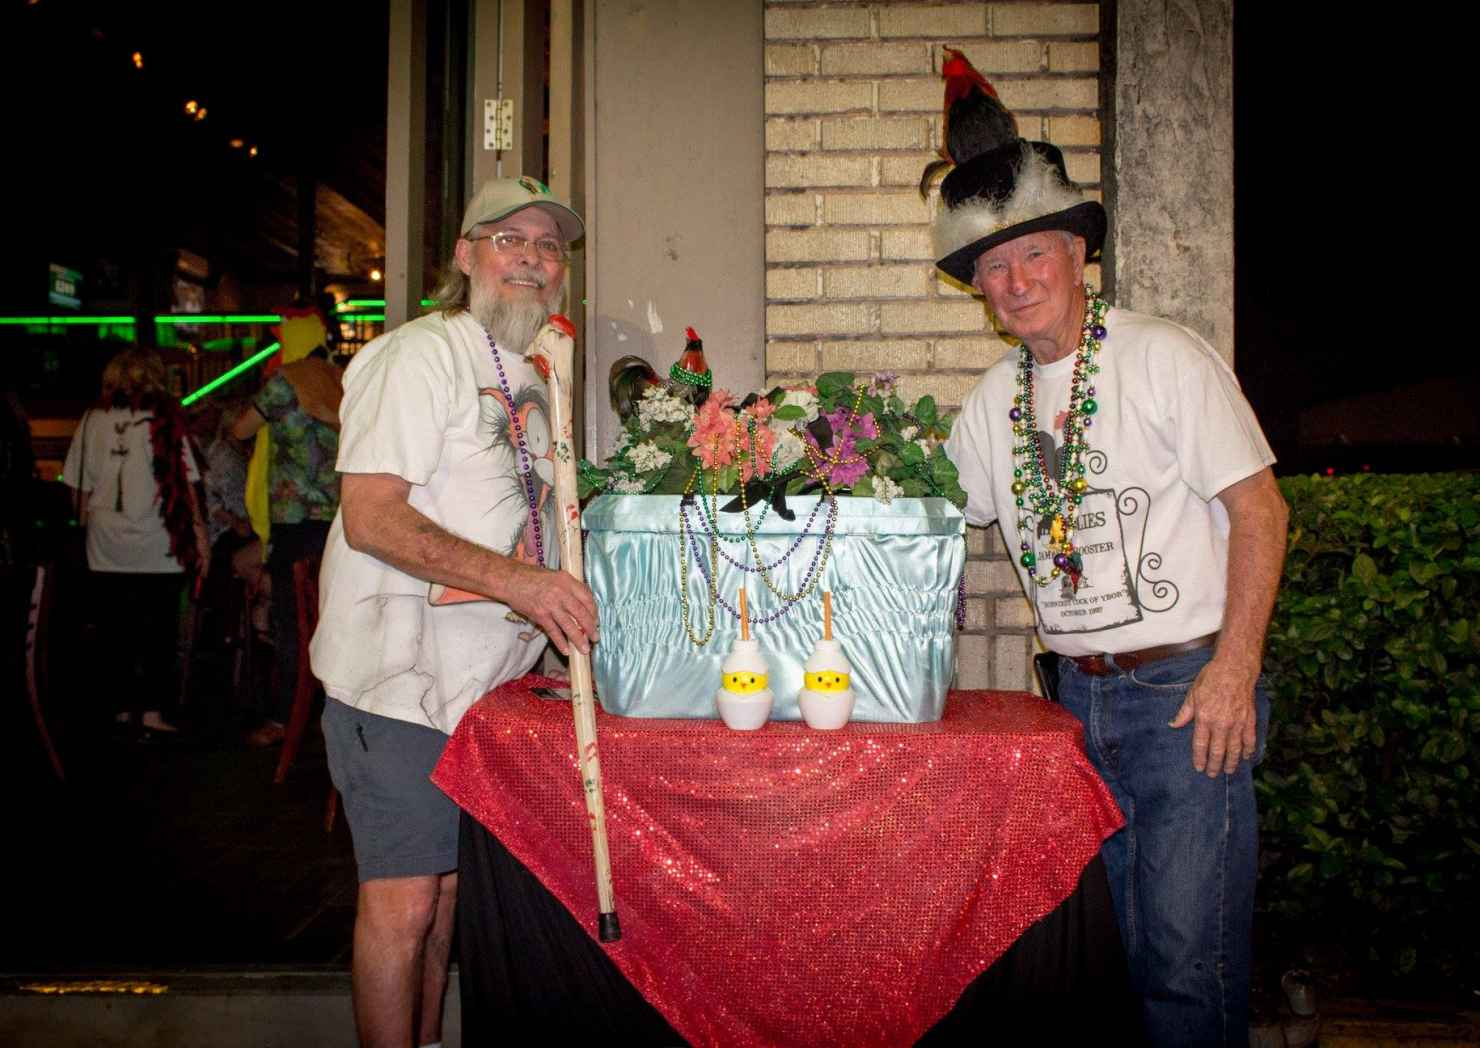 James E Rooster Parade/ Fat Tuesday Bar Crawl